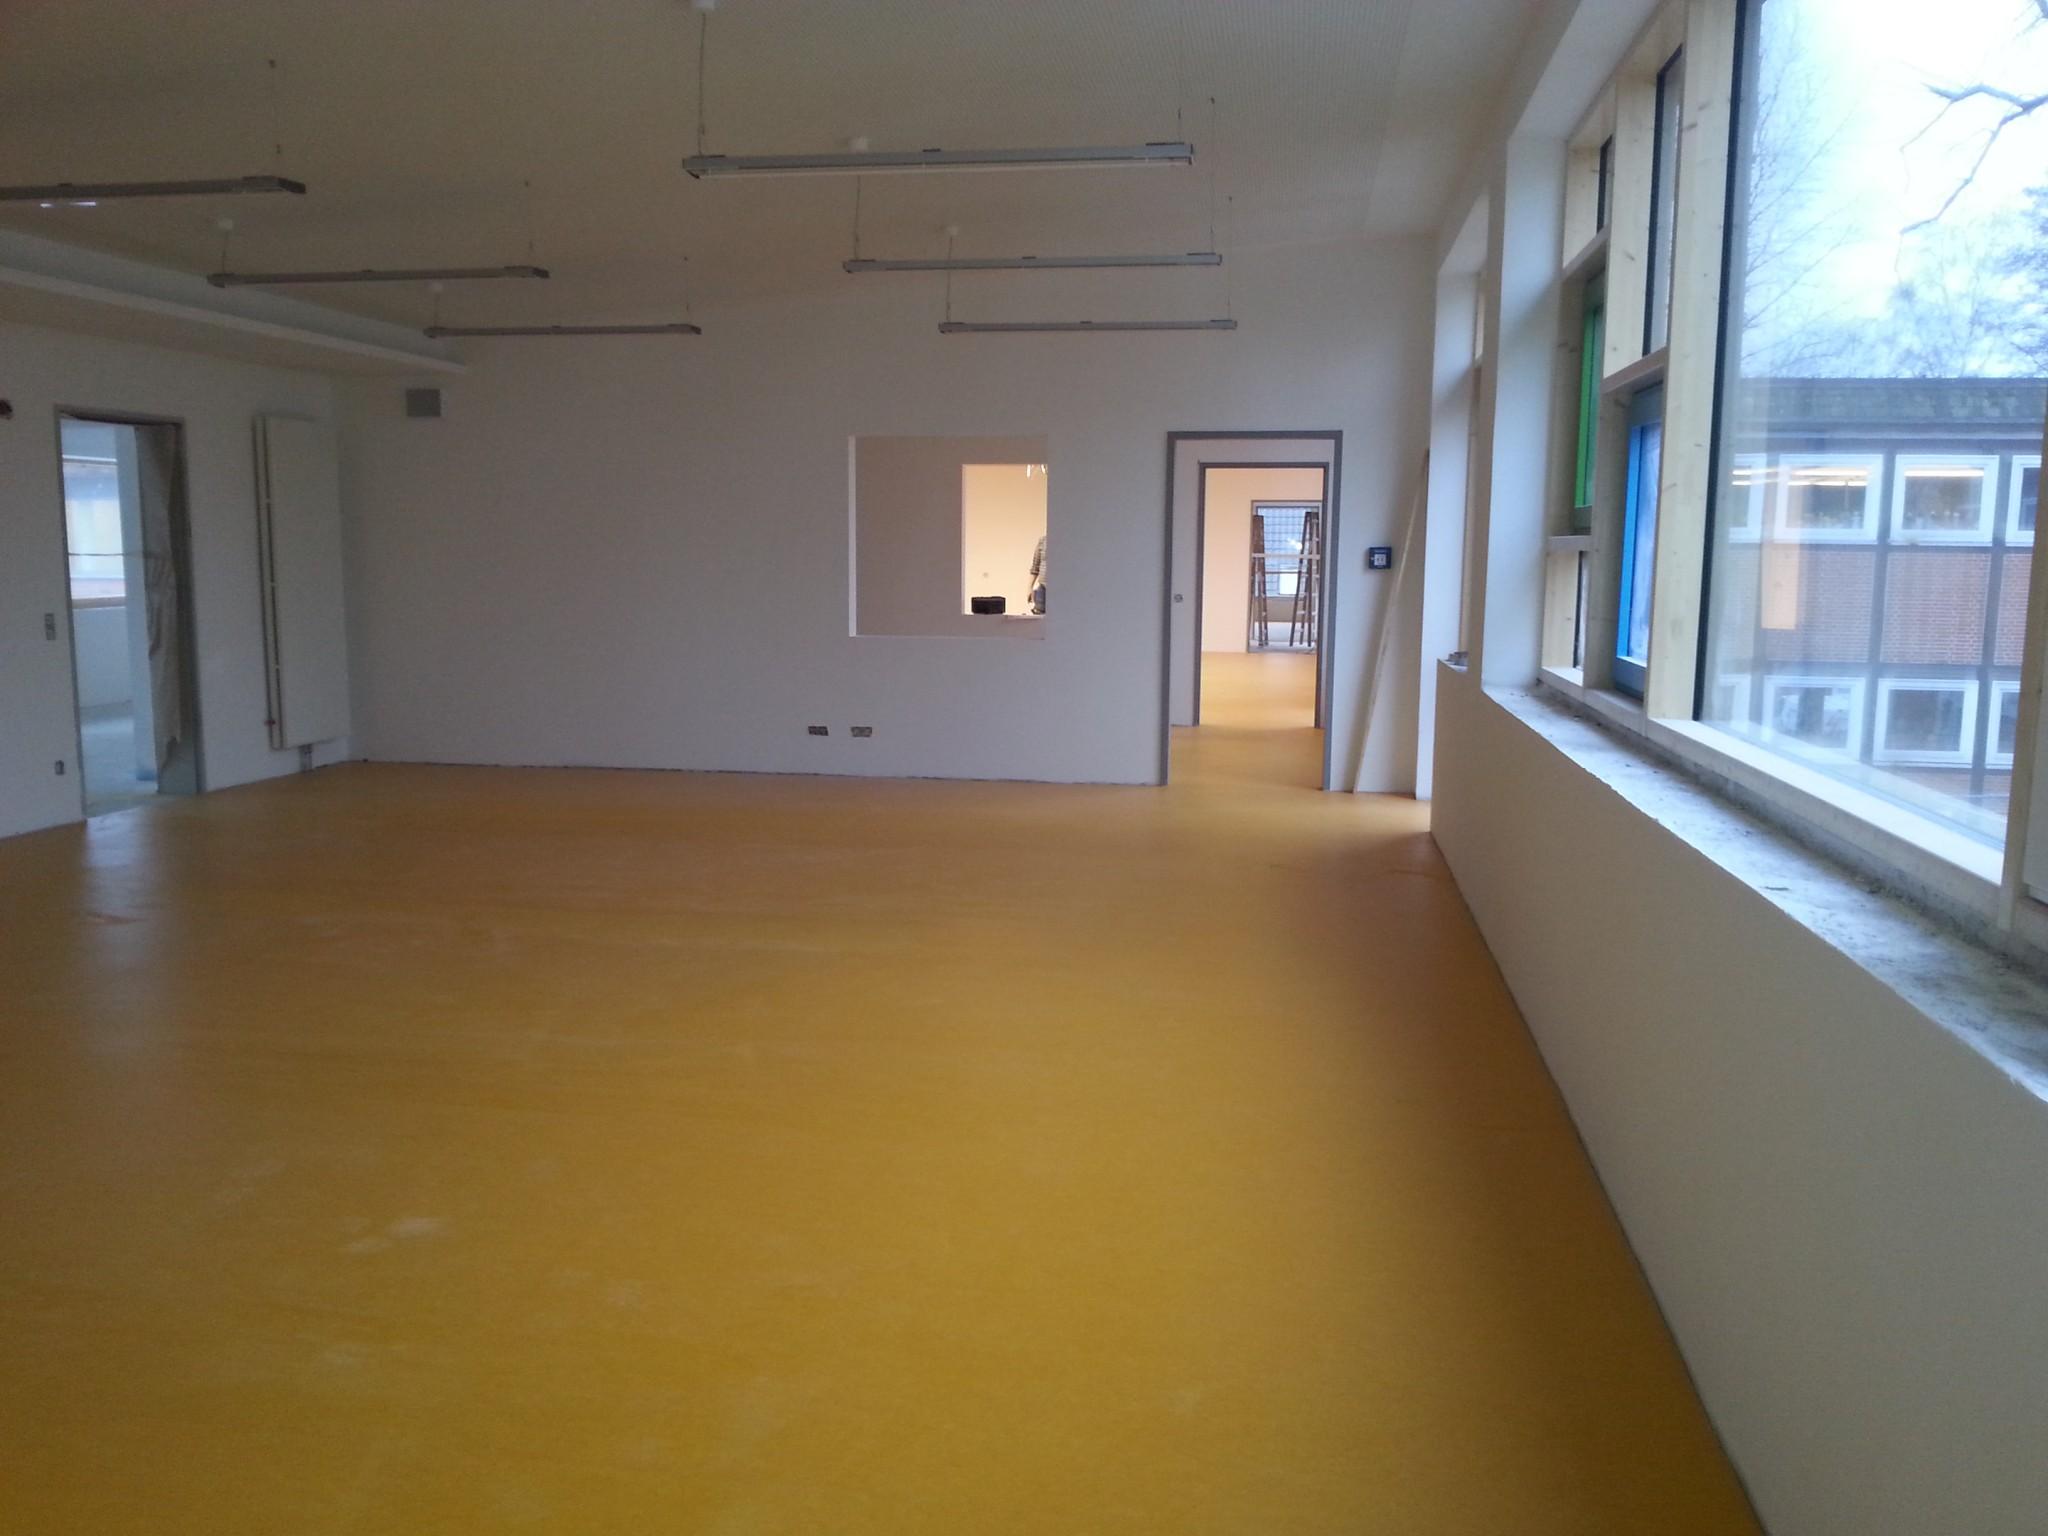 Welcher Fußboden Im Neubau ~ Der neubau nimmt form an u schule ochsenwerder